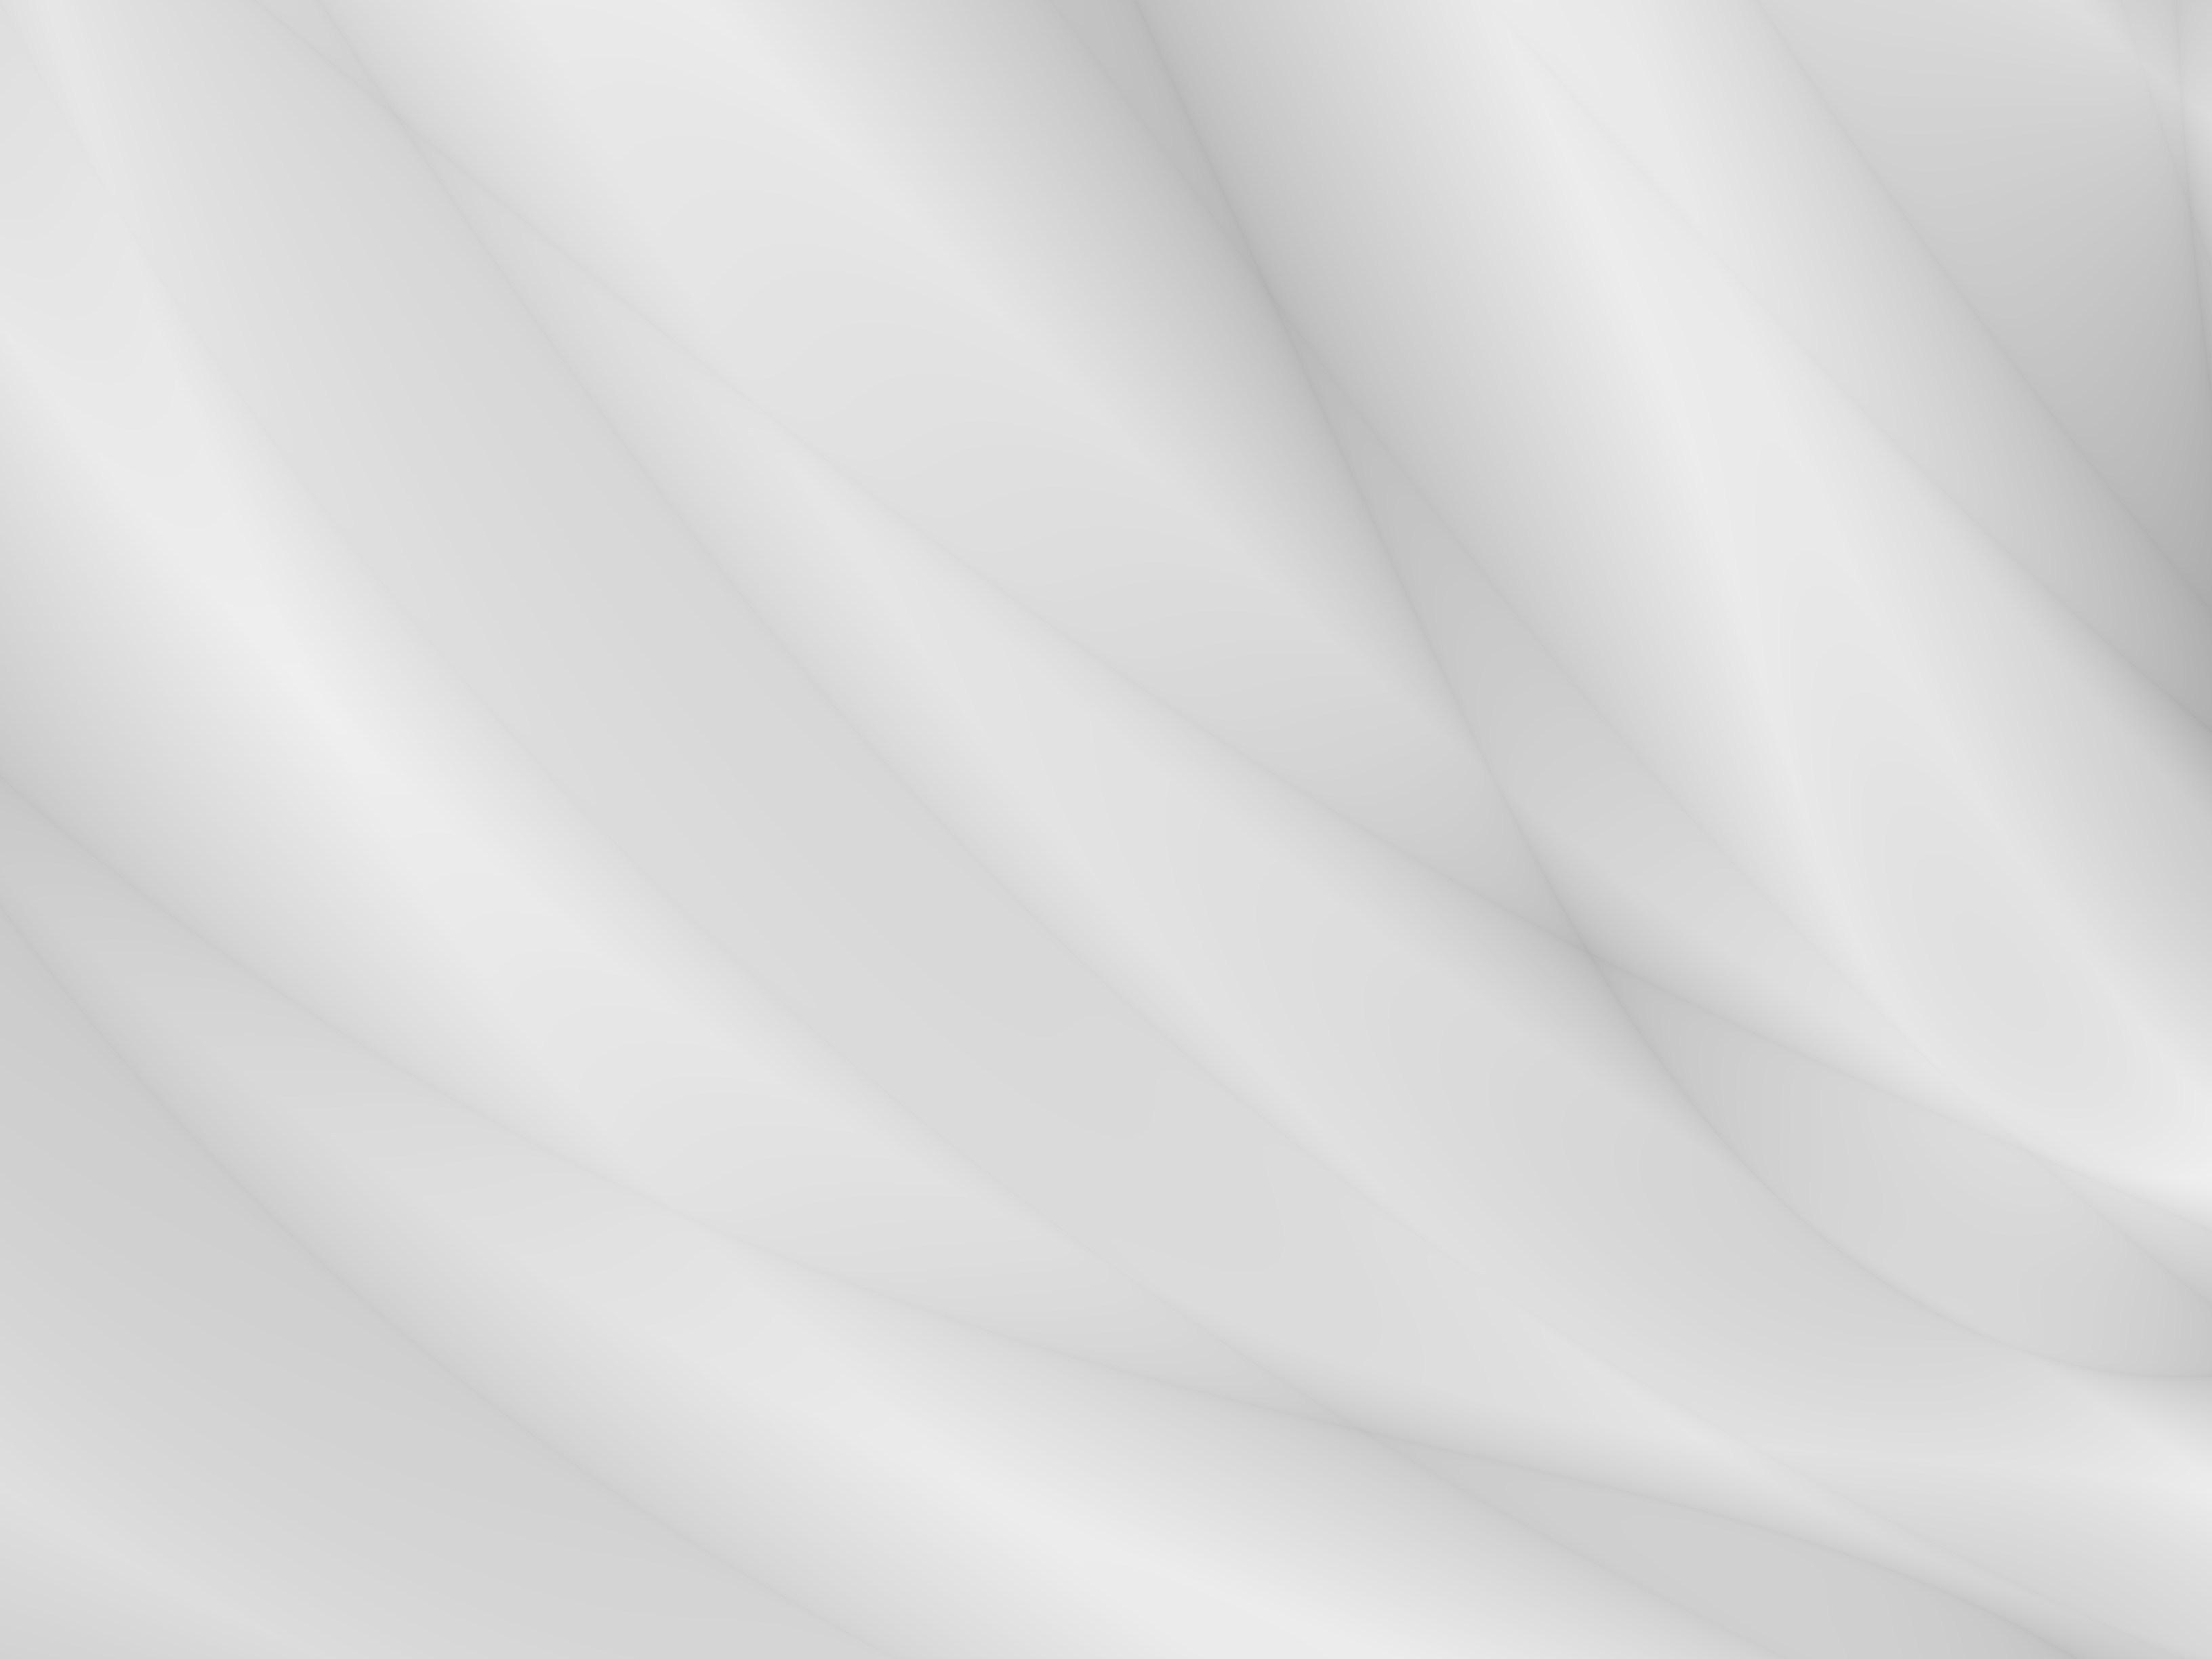 Hình ảnh màu xám chất lượng cao